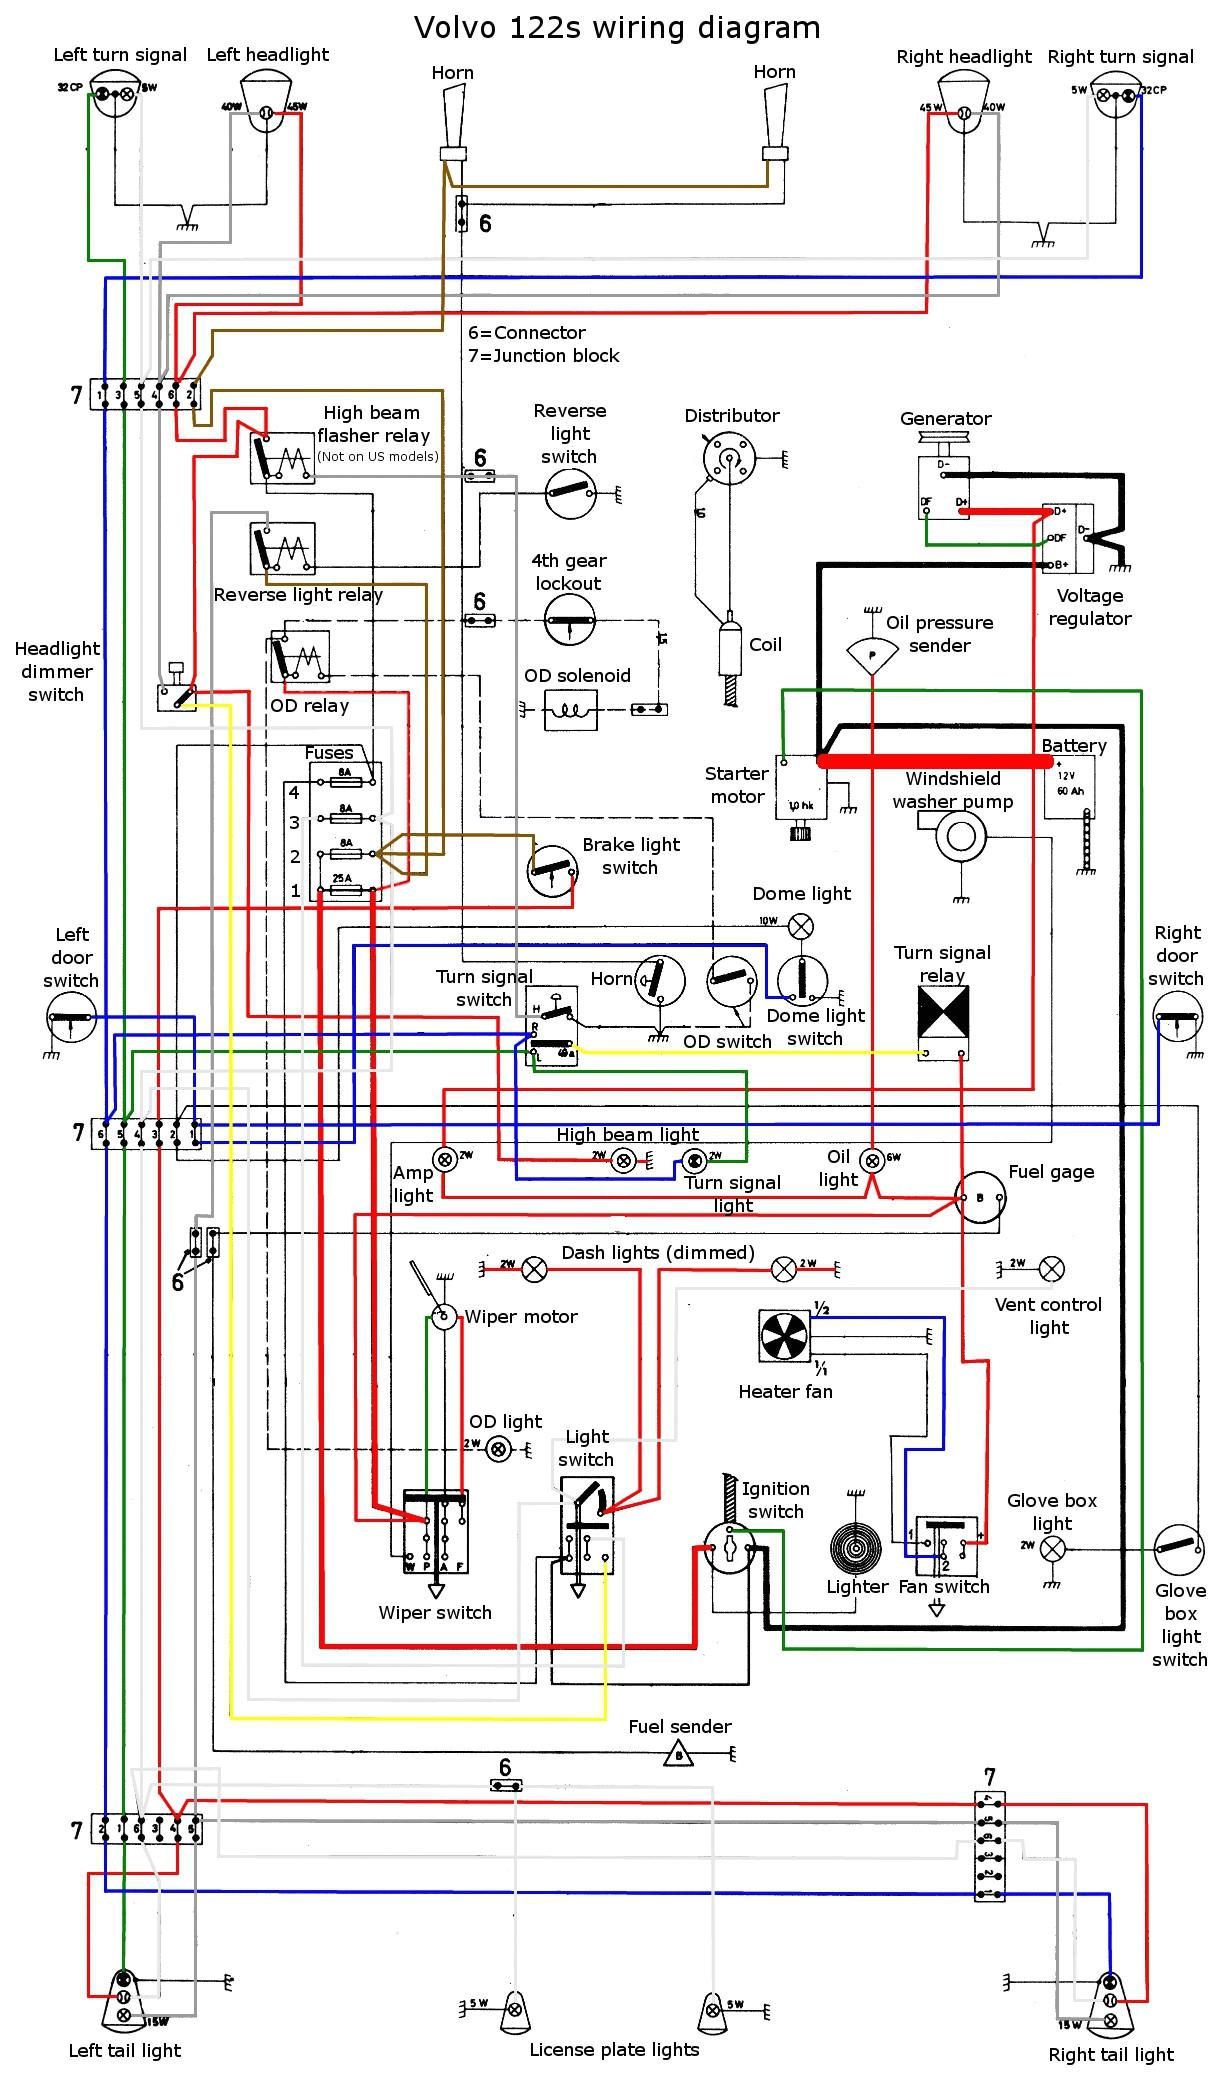 1998 volvo s70 radio wiring diagram fresh 2004 volvo v70 headlight wiring diagram trusted wiring diagrams e280a2 of 1998 volvo s70 radio wiring diagram jpg